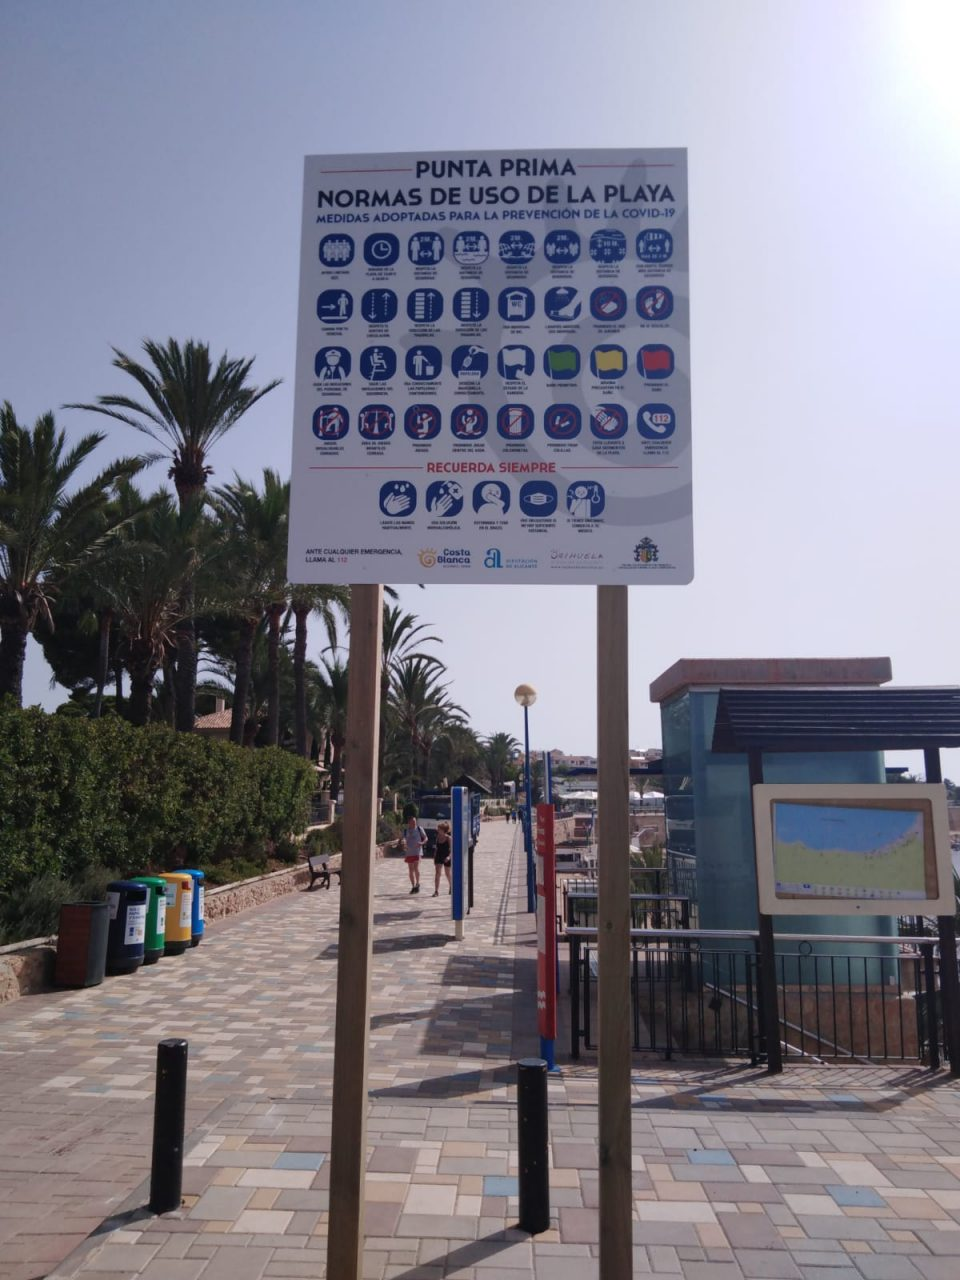 Turismo instala paneles con recomendaciones anticovid en las playas de Orihuela 6